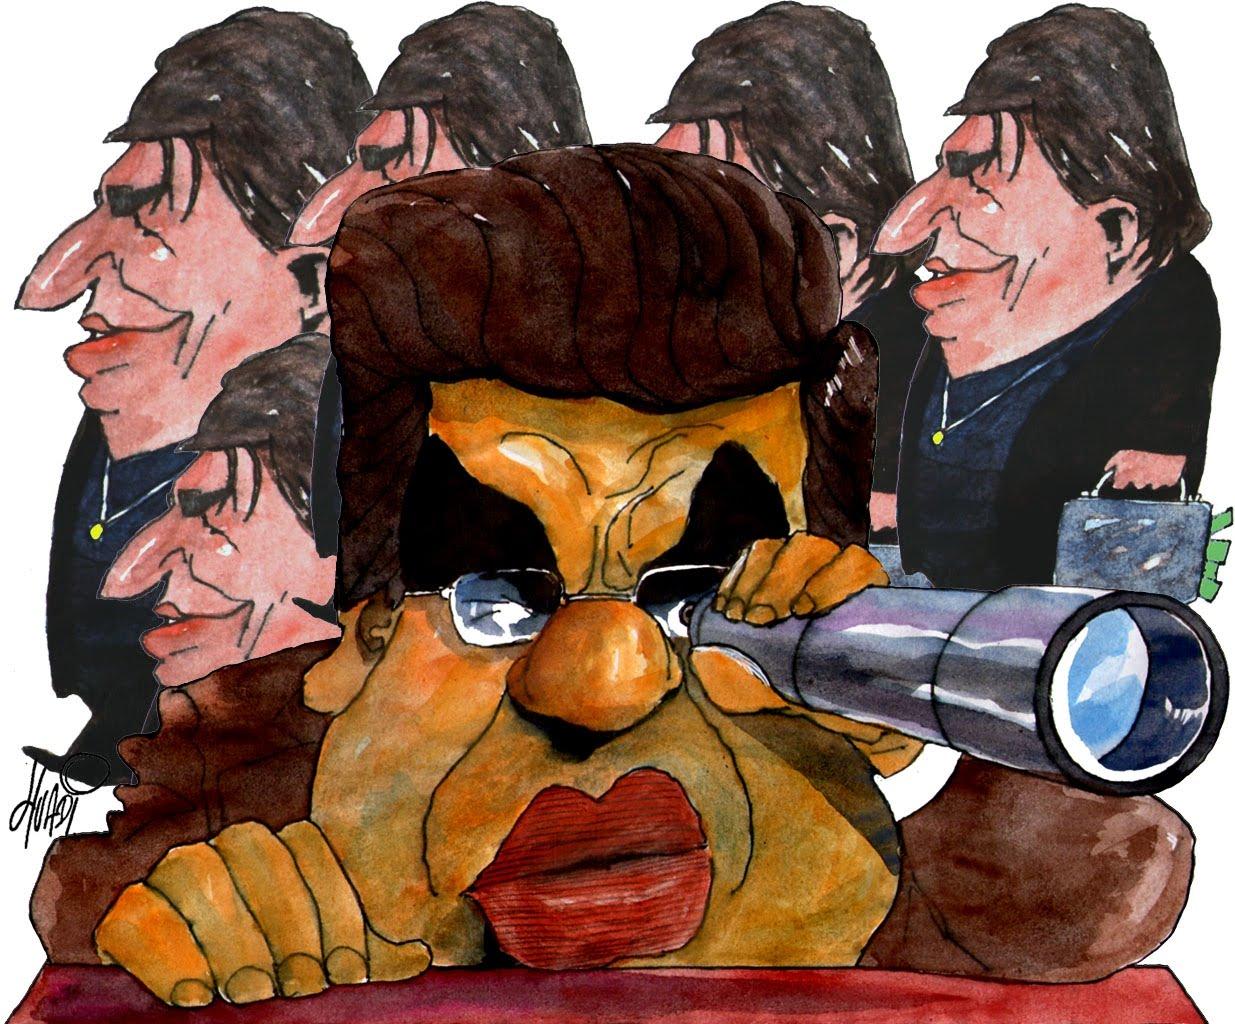 http://1.bp.blogspot.com/_QWdeKCOXSUo/TOxC0vQYoGI/AAAAAAAAA1w/Gof3zT5bROE/s1600/Antonini%252By%252BEchegaray.JPG